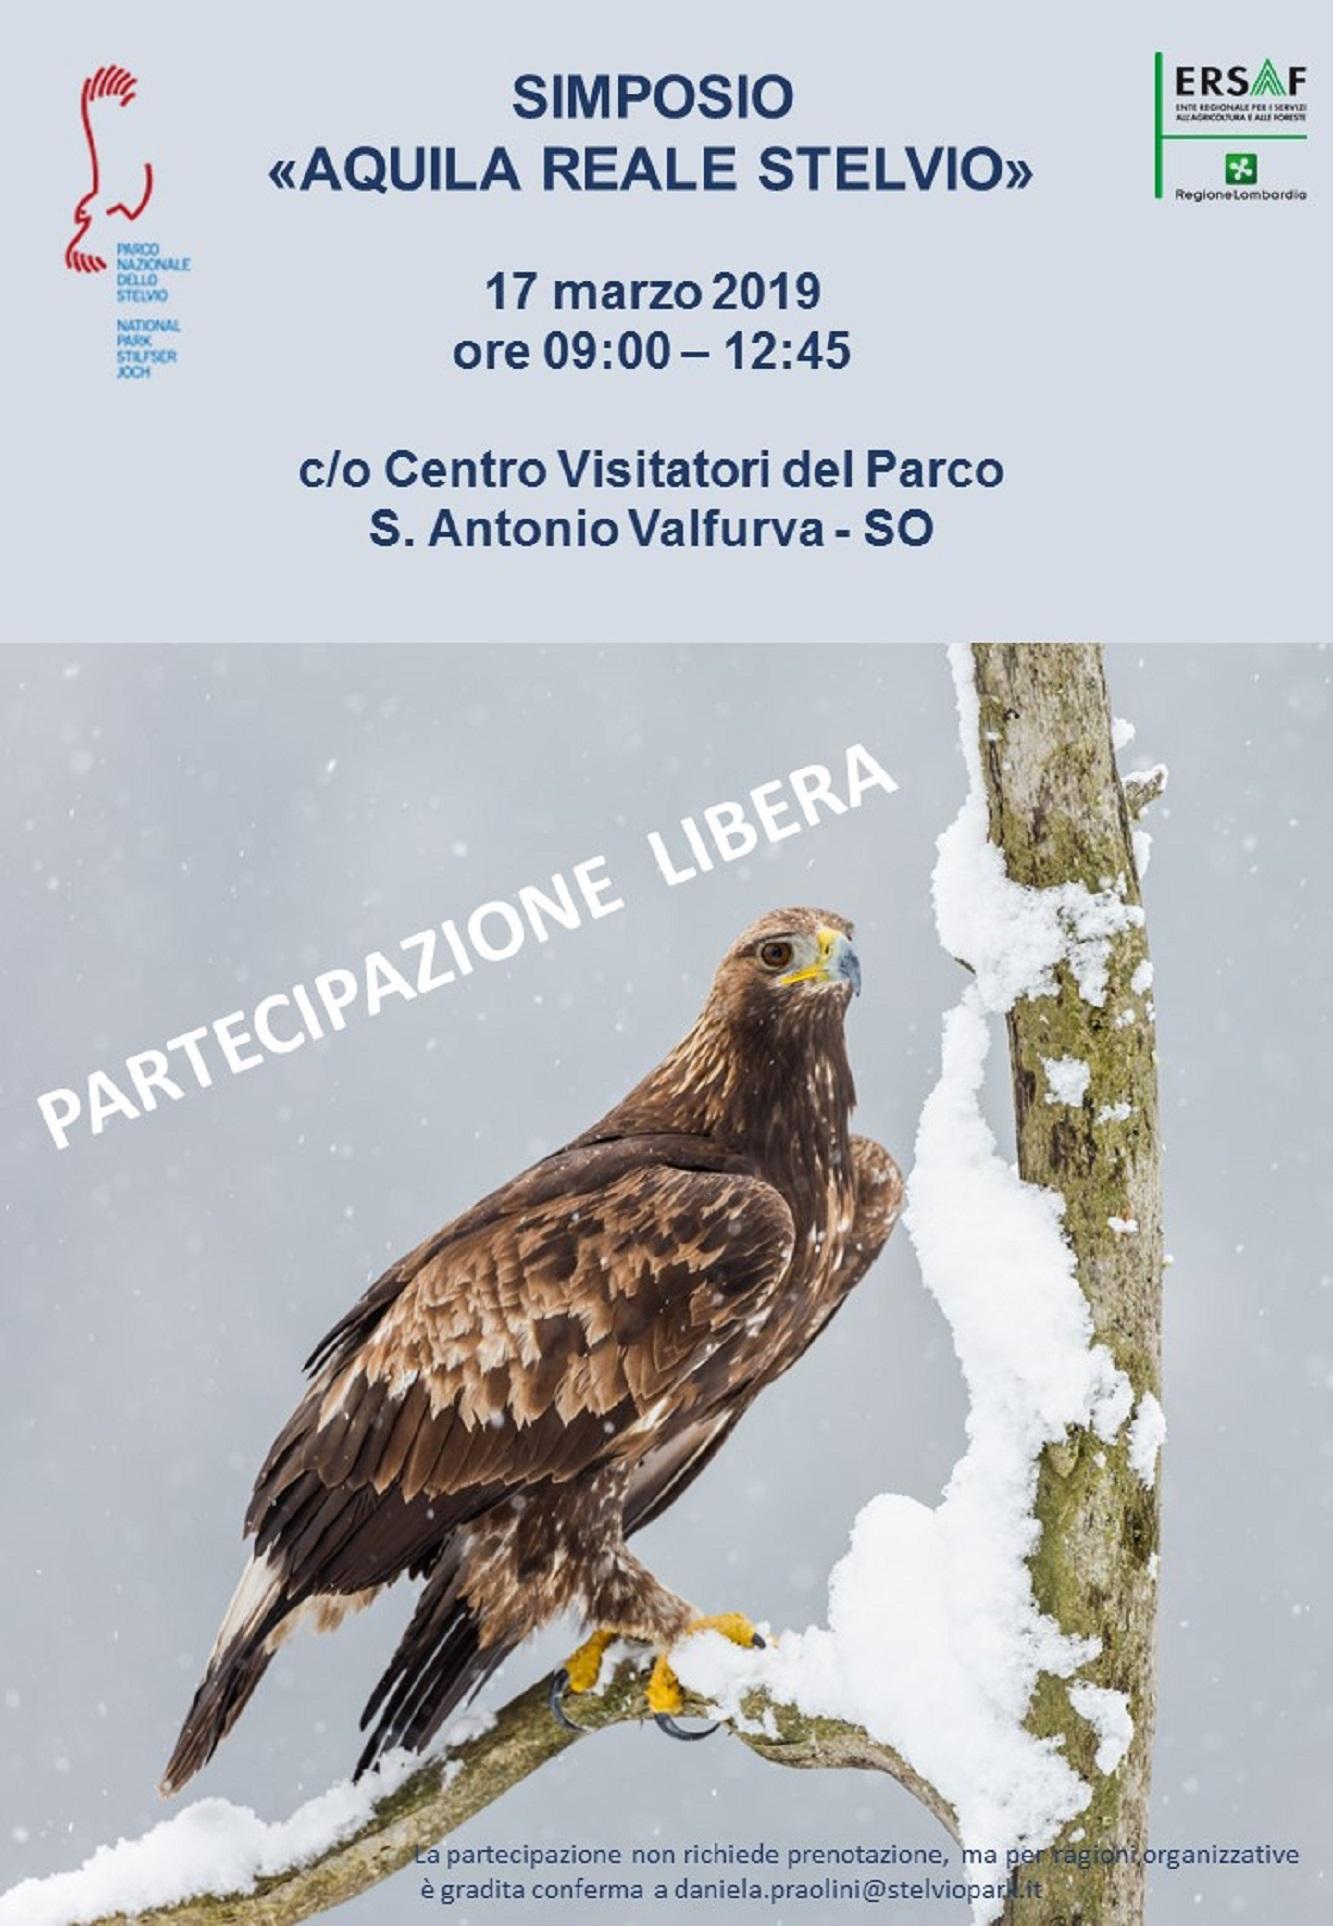 La ricerca sull Aquila reale nel Parco Nazionale dello Stelvio ... 76cd1d0400ff